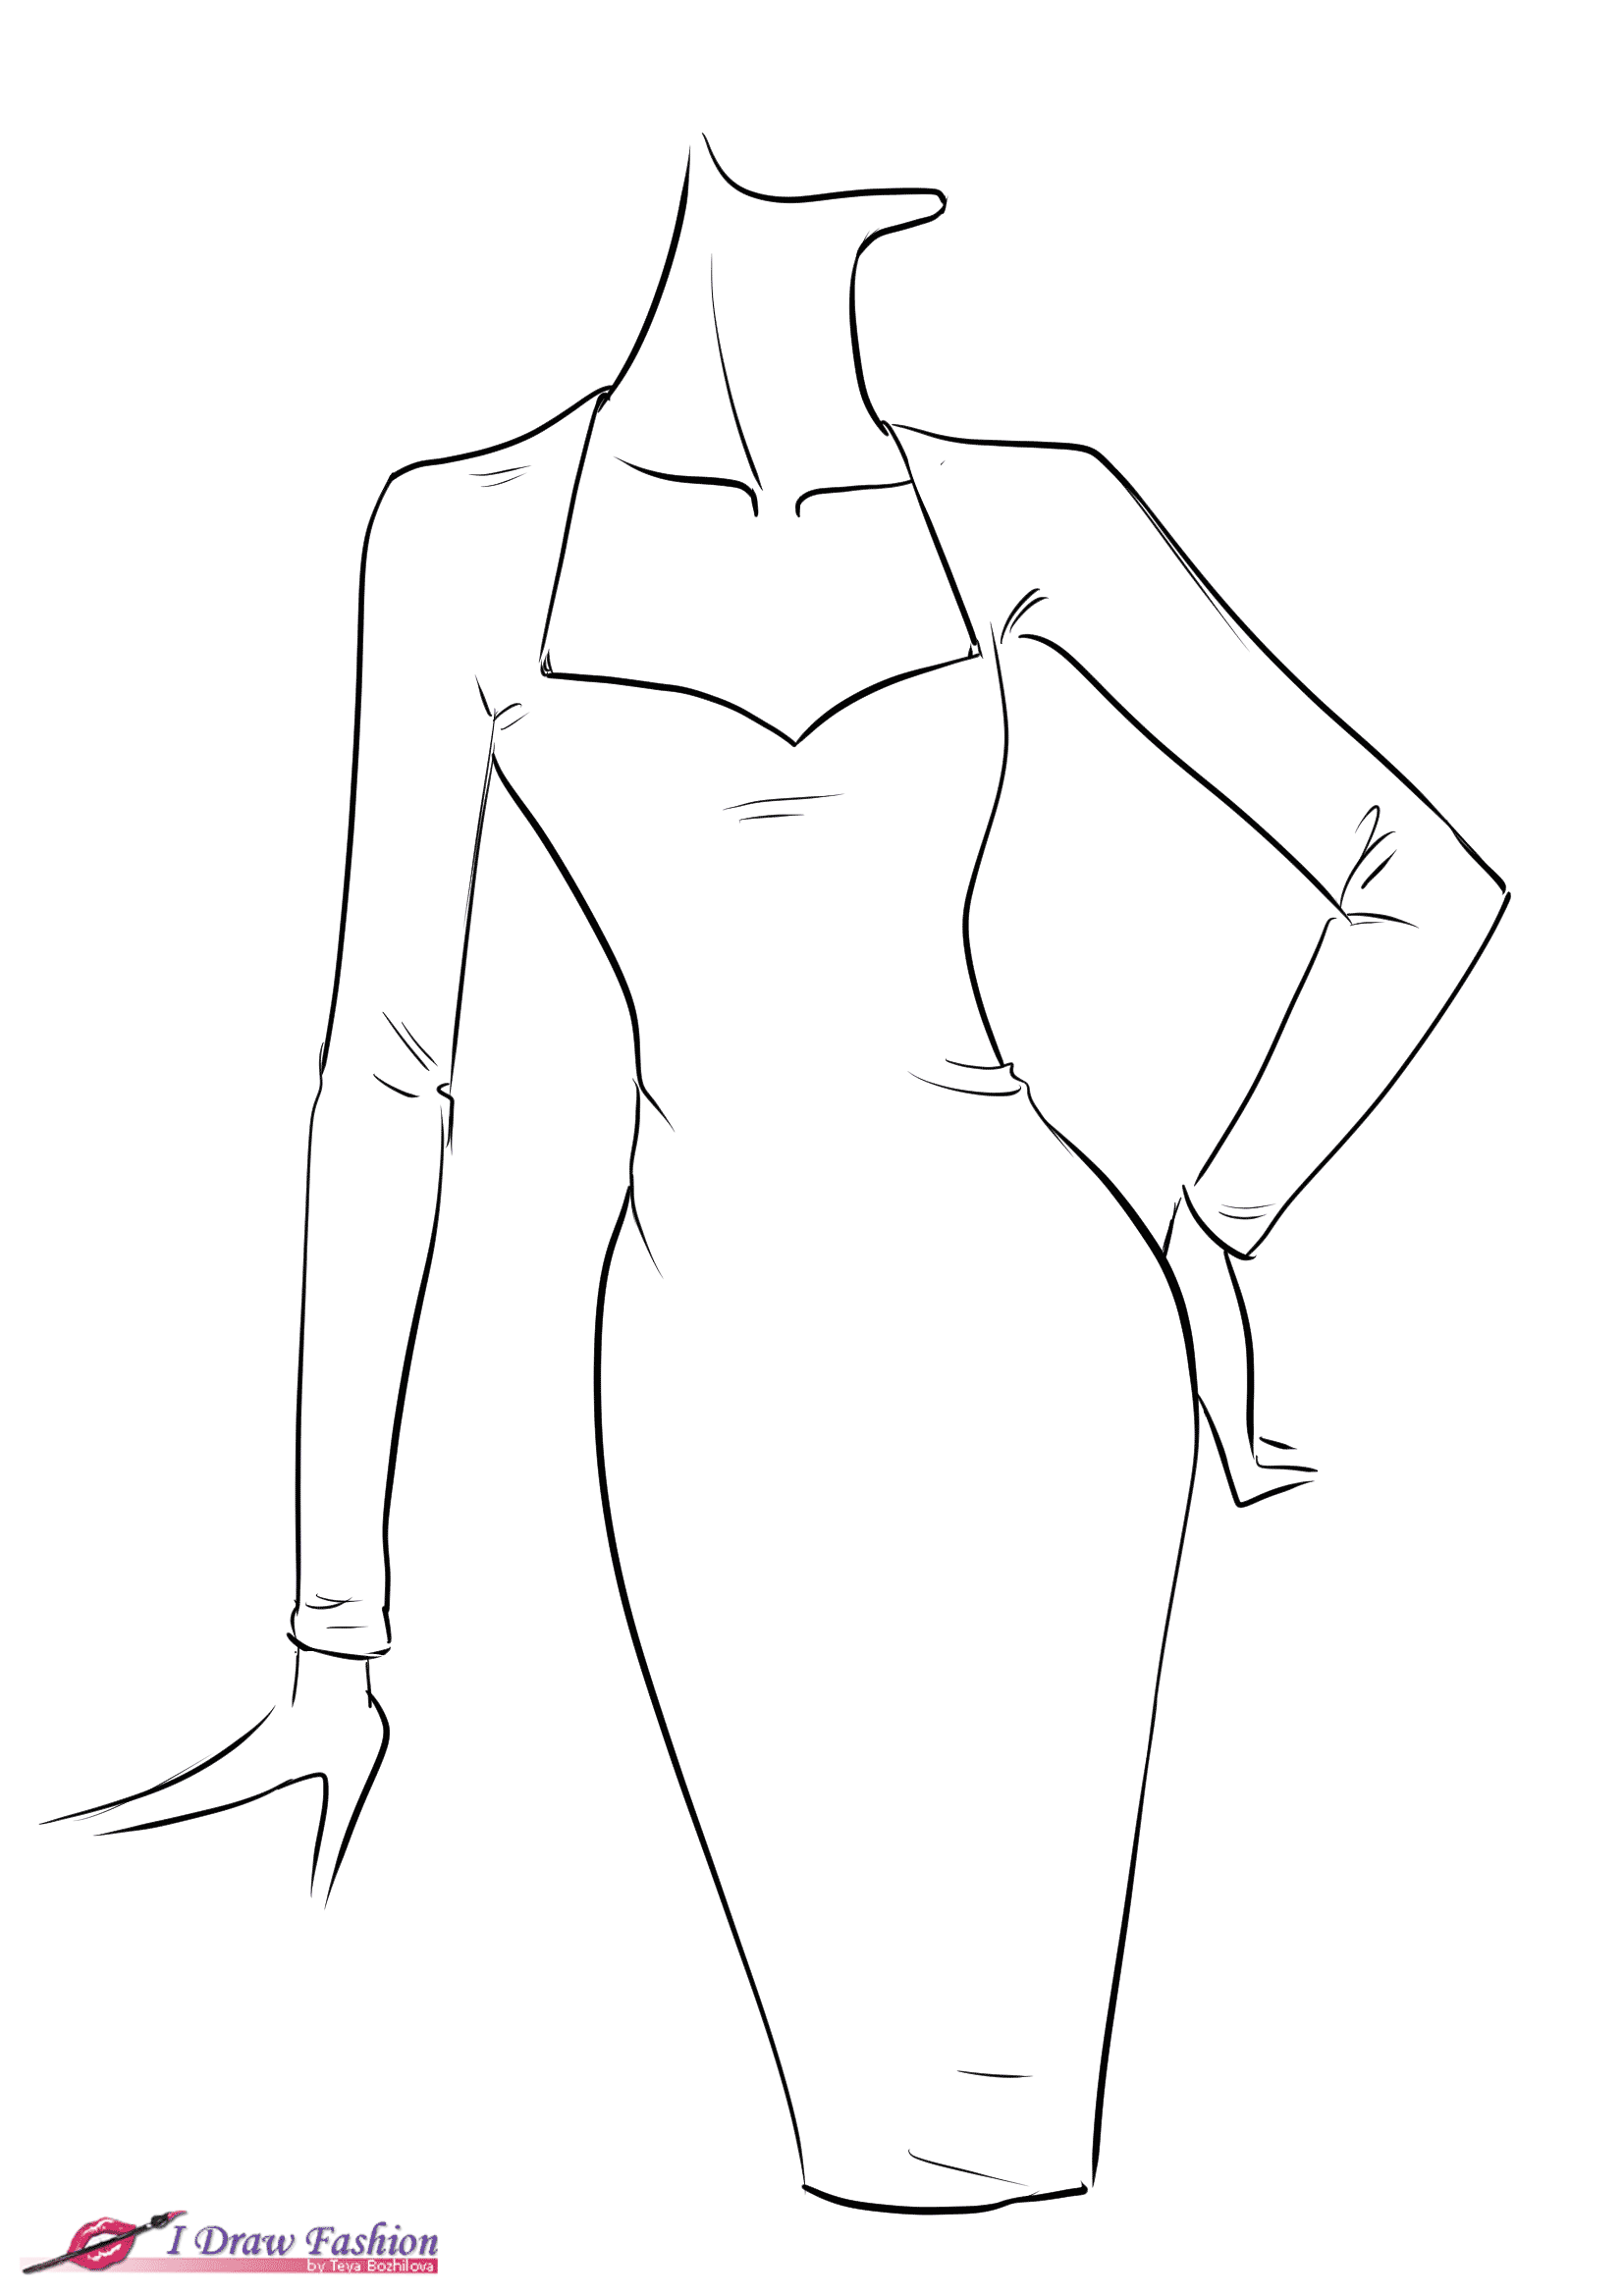 Рисунки карандашом платья для начинающих дизайнеров дать возможность